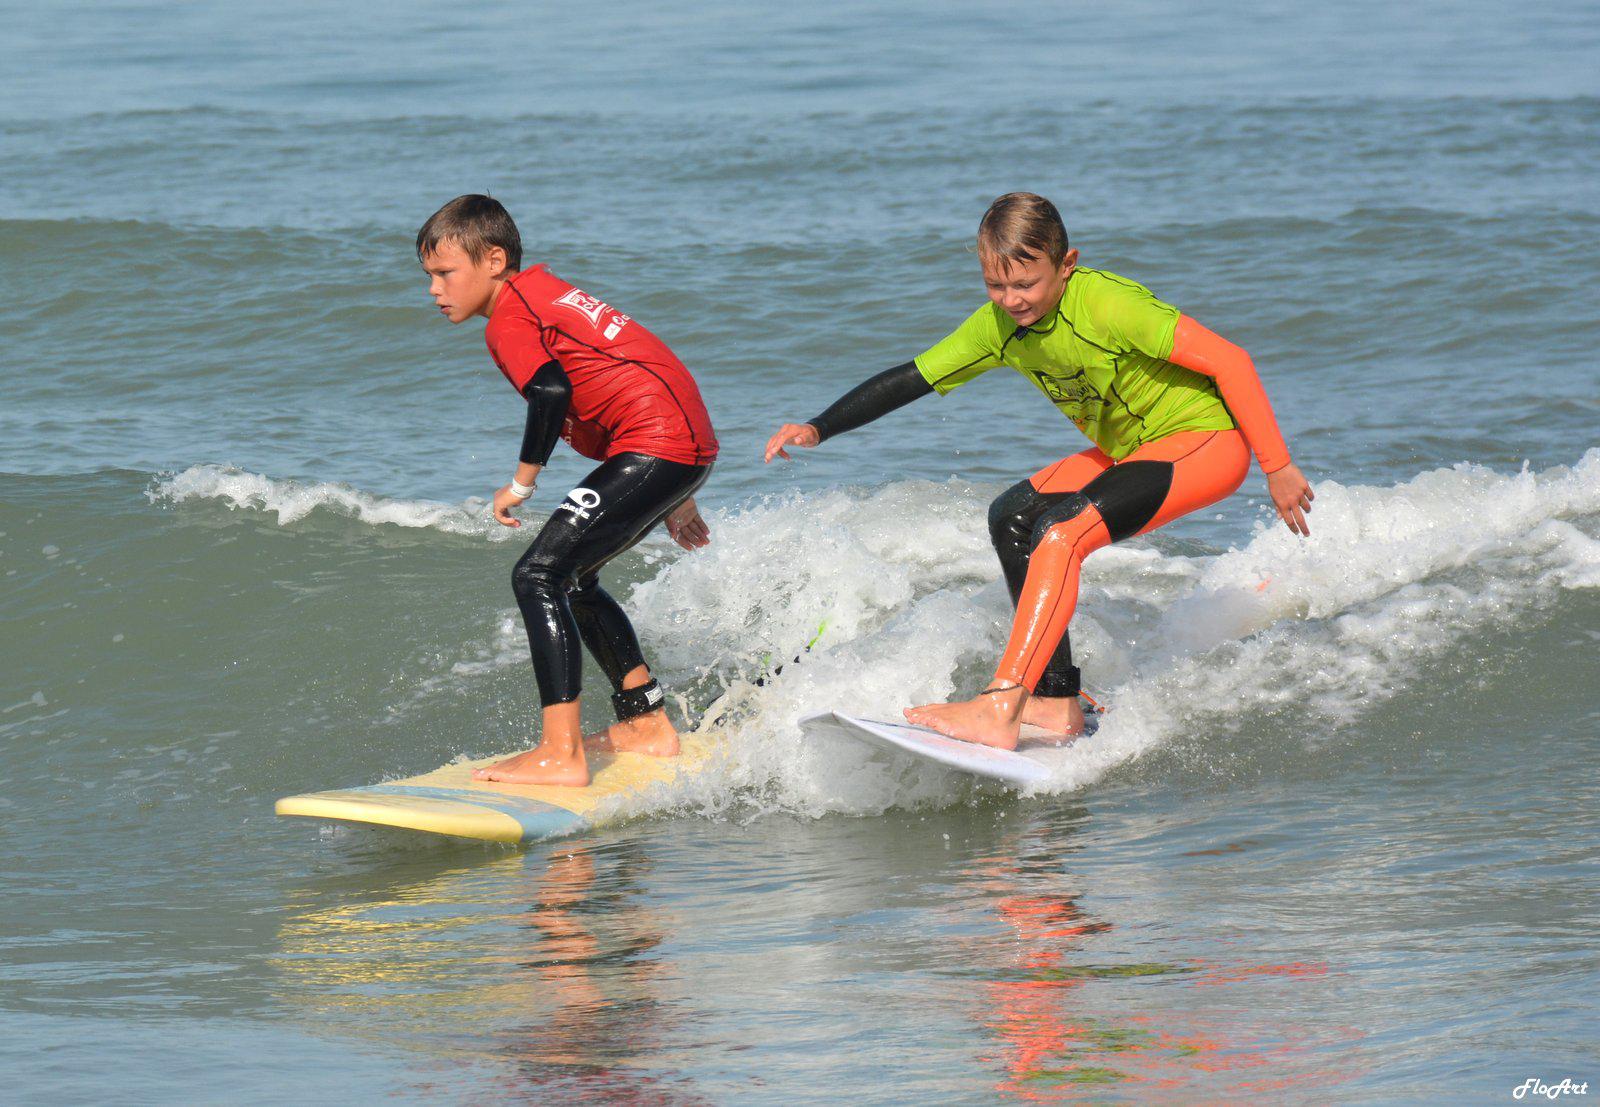 Deux enfants surfent une vague